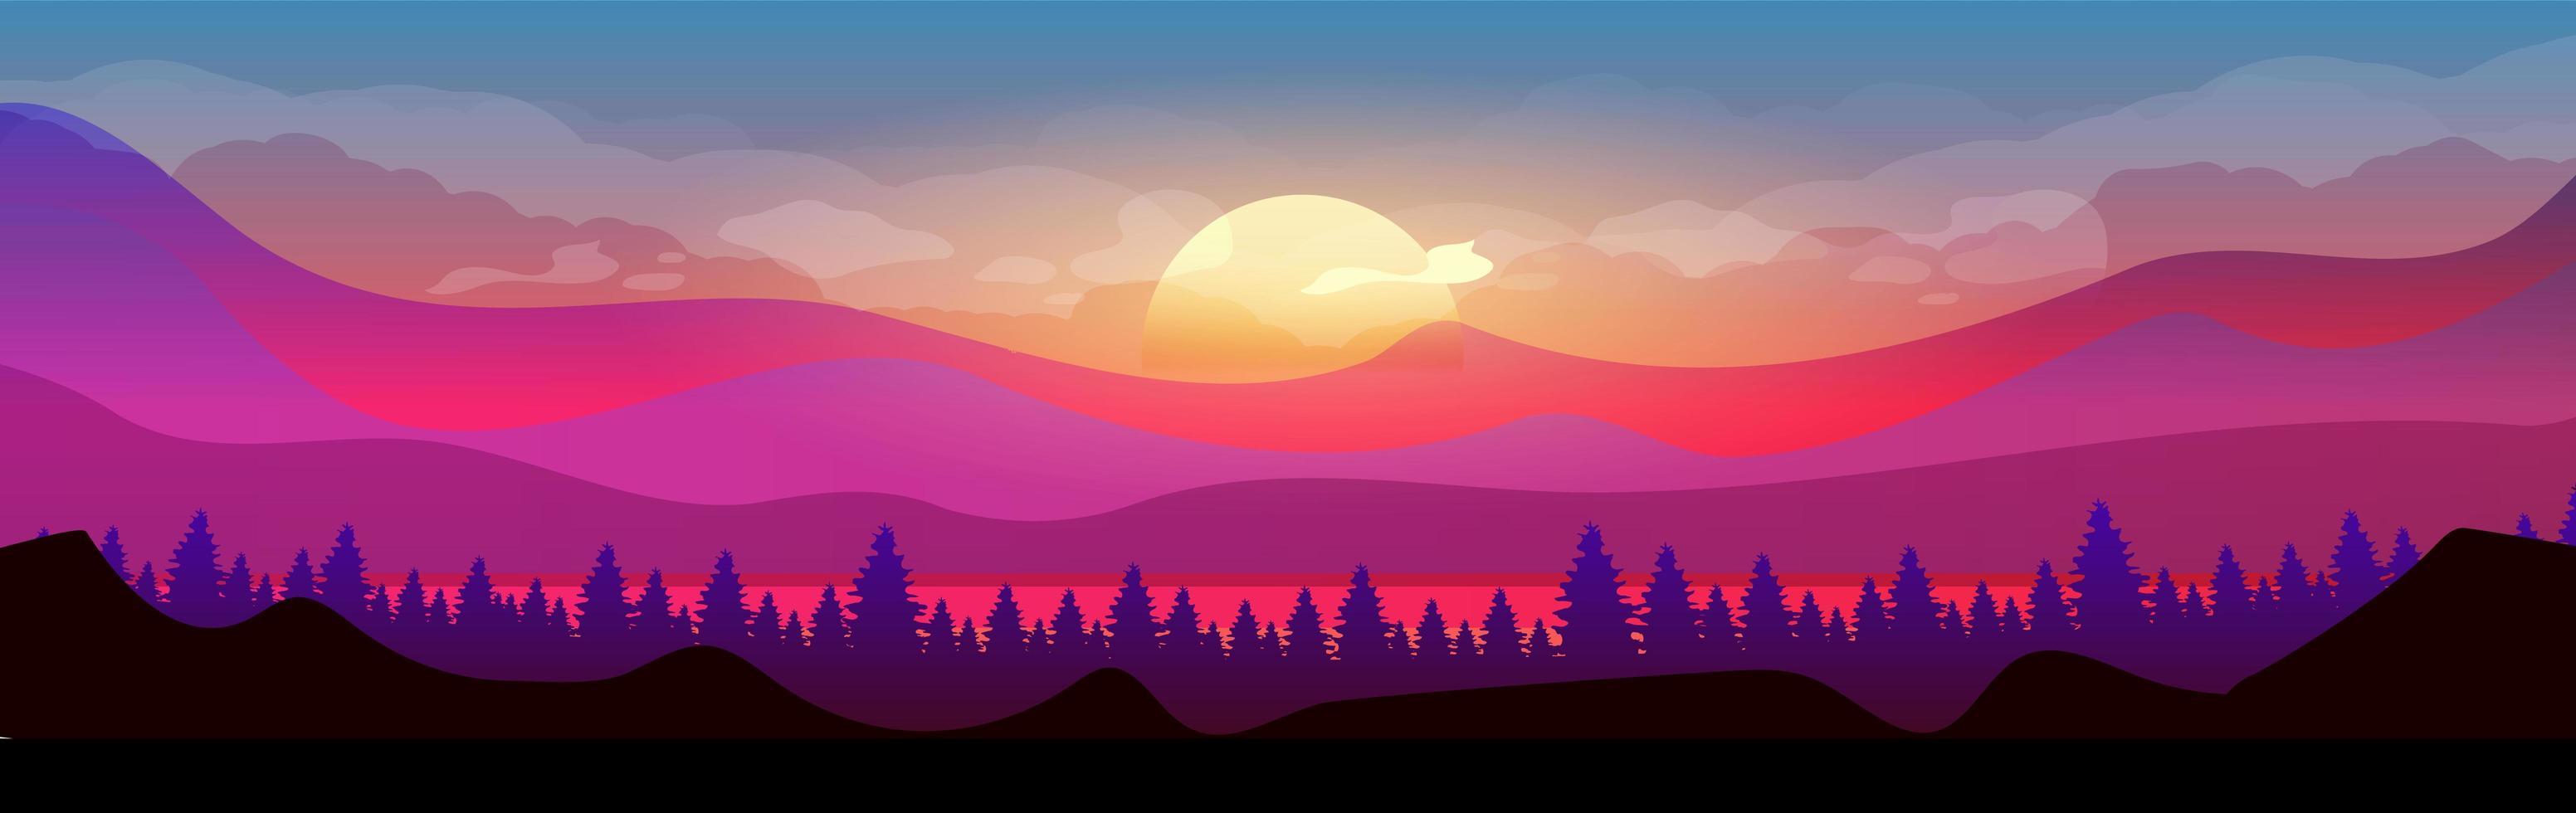 coucher de soleil dans les montagnes vecteur